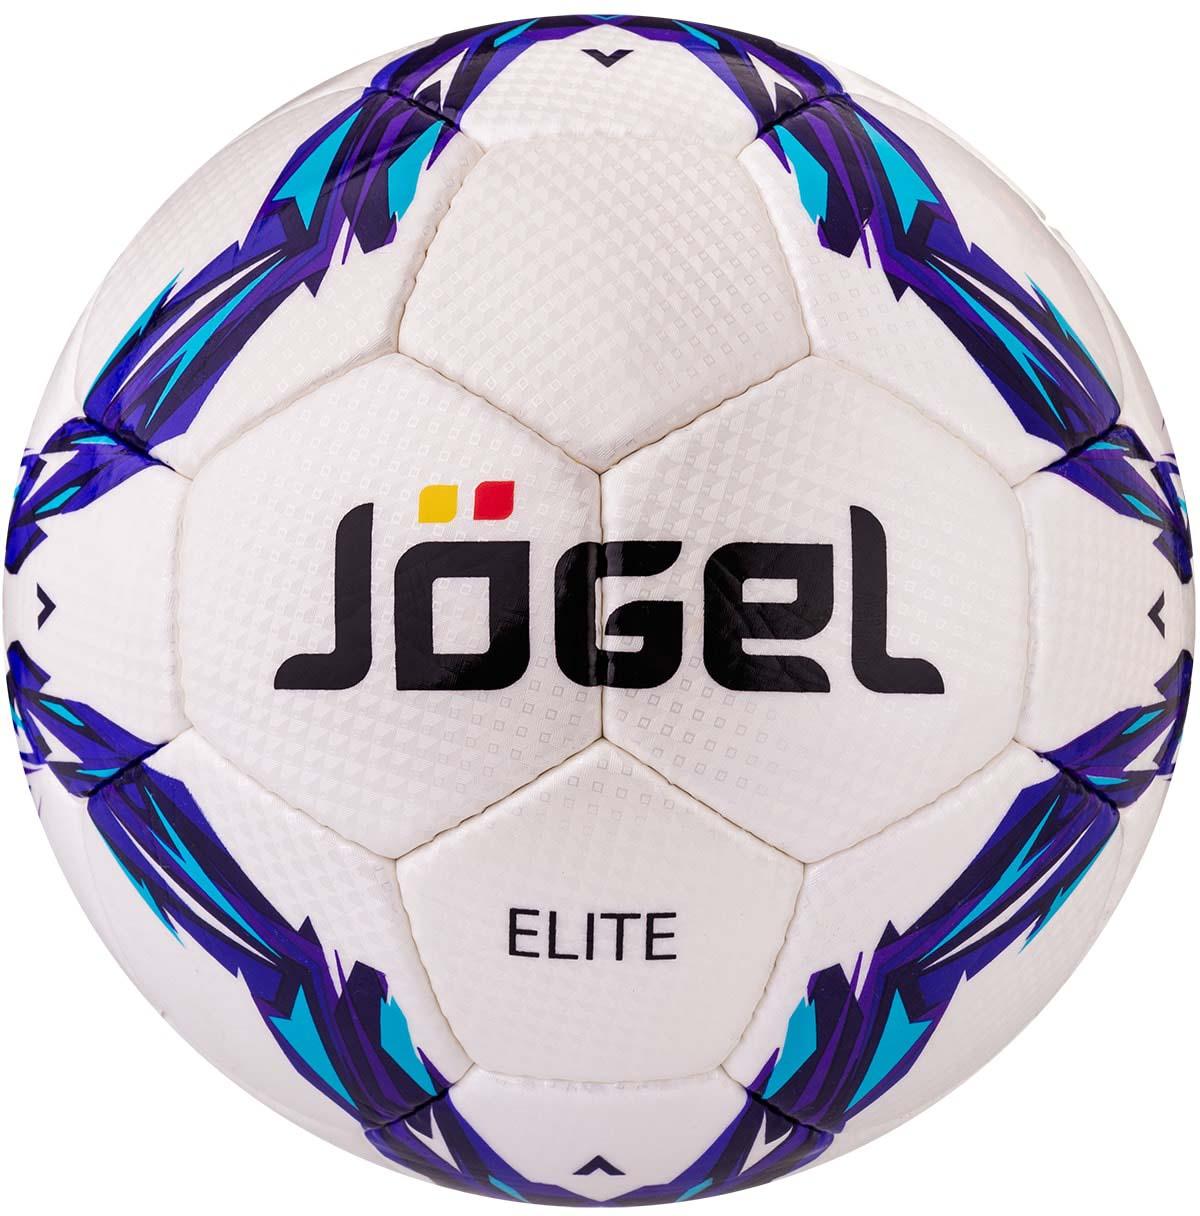 Мяч футбольный JS-810 Elite №5  Категория: Тренировочный мяч  Коллекция: 2018/2020  Описание: Jogel JS-810 Elite - это следующее поколение модели Elite, но уже в новом, более актуальном дизайне. Внесены значительные улучшения по материалу верха. Теперь это более износостойкий PU. Серьезно поработали над качеством сшивки, швы стали крепче и менее видимыми.  Данная модель относится к мячам матчевого уровня, обладающий отличными игровыми и аэродинамическими характеристиками благодаря высококачественным материалам, используемым при его изготовлении. Мяч рекомендован для тренировок и игр клубов среднего уровня, а также профессиональных команд.  Поверхность мяча выполнена из глянцевой синтетической кожи (полиуретан) толщиной 1,5 мм с внутренним двухтонным рисунком. Мяч имеет 4 подкладочных слоя на нетканой основе (смесь хлопка с полиэстером) и оснащен бутиловой камерой, обеспечивающим долгое сохранение воздуха в камере.    Традиционная конструкция мячей из 32 панелей. Привлекательный дизайн коллекции 2018/2020 ярко выделяет мячи Jogel на витрине. Данный мяч подходит для поставок на гос. тендеры. При производстве мячей Jogel не используется детский труд. Официальный размер и вес FIFA.   Рекомендованные покрытия: натуральный газон, синтетическая трава  Материал поверхности: Синтетическая кожа (полиуретан) толщиной 1,5 мм  Материал камеры: Бутил  Тип соединения панелей: Ручная сшивка  Количество подкладочных слоев: 4  Количество панелей: 32  Размер: 5